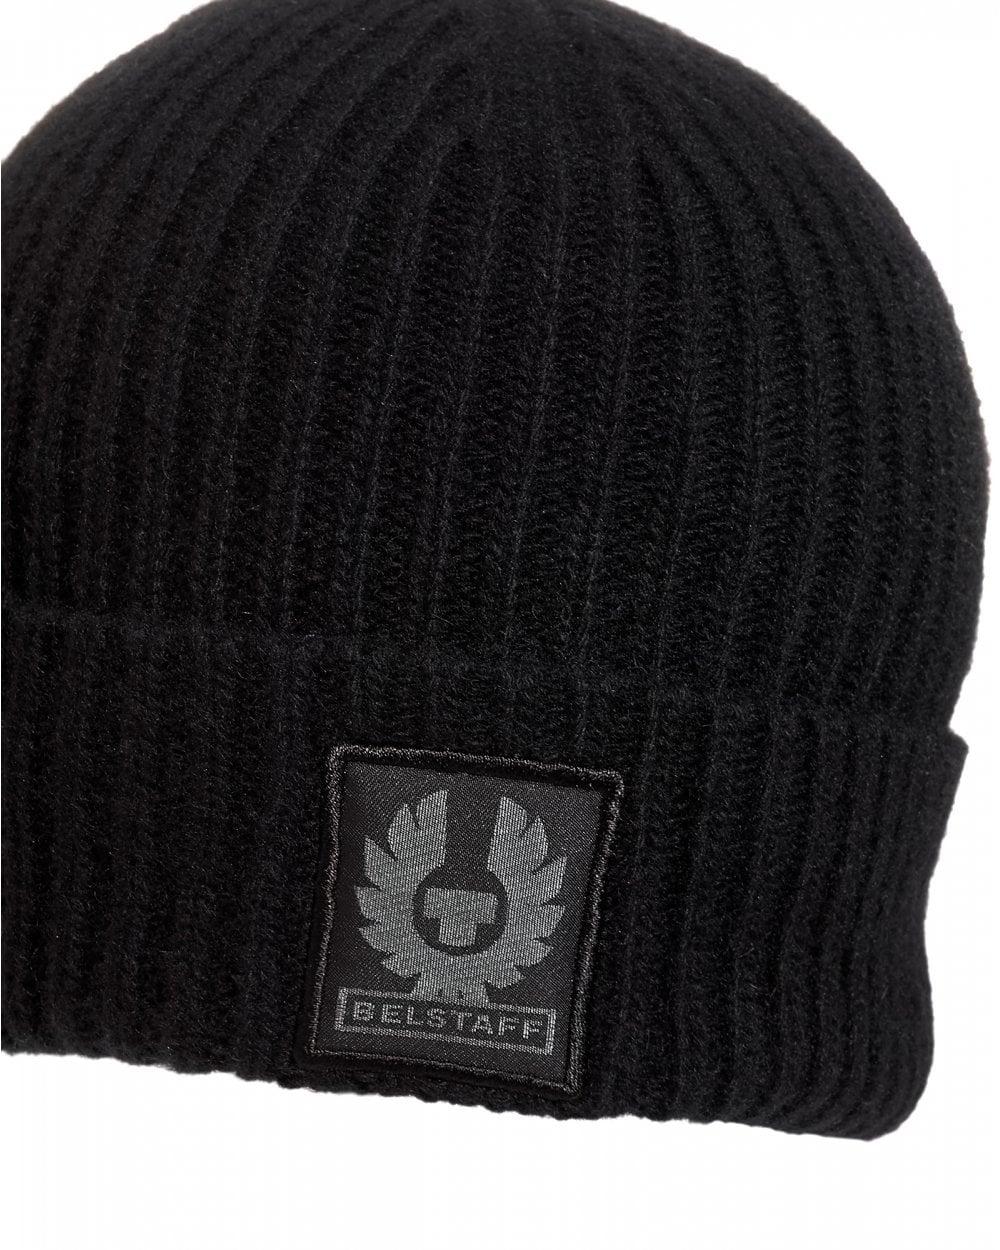 Belstaff Mens Seabrook 2.0 Wool Black Beanie 4a663afdd13